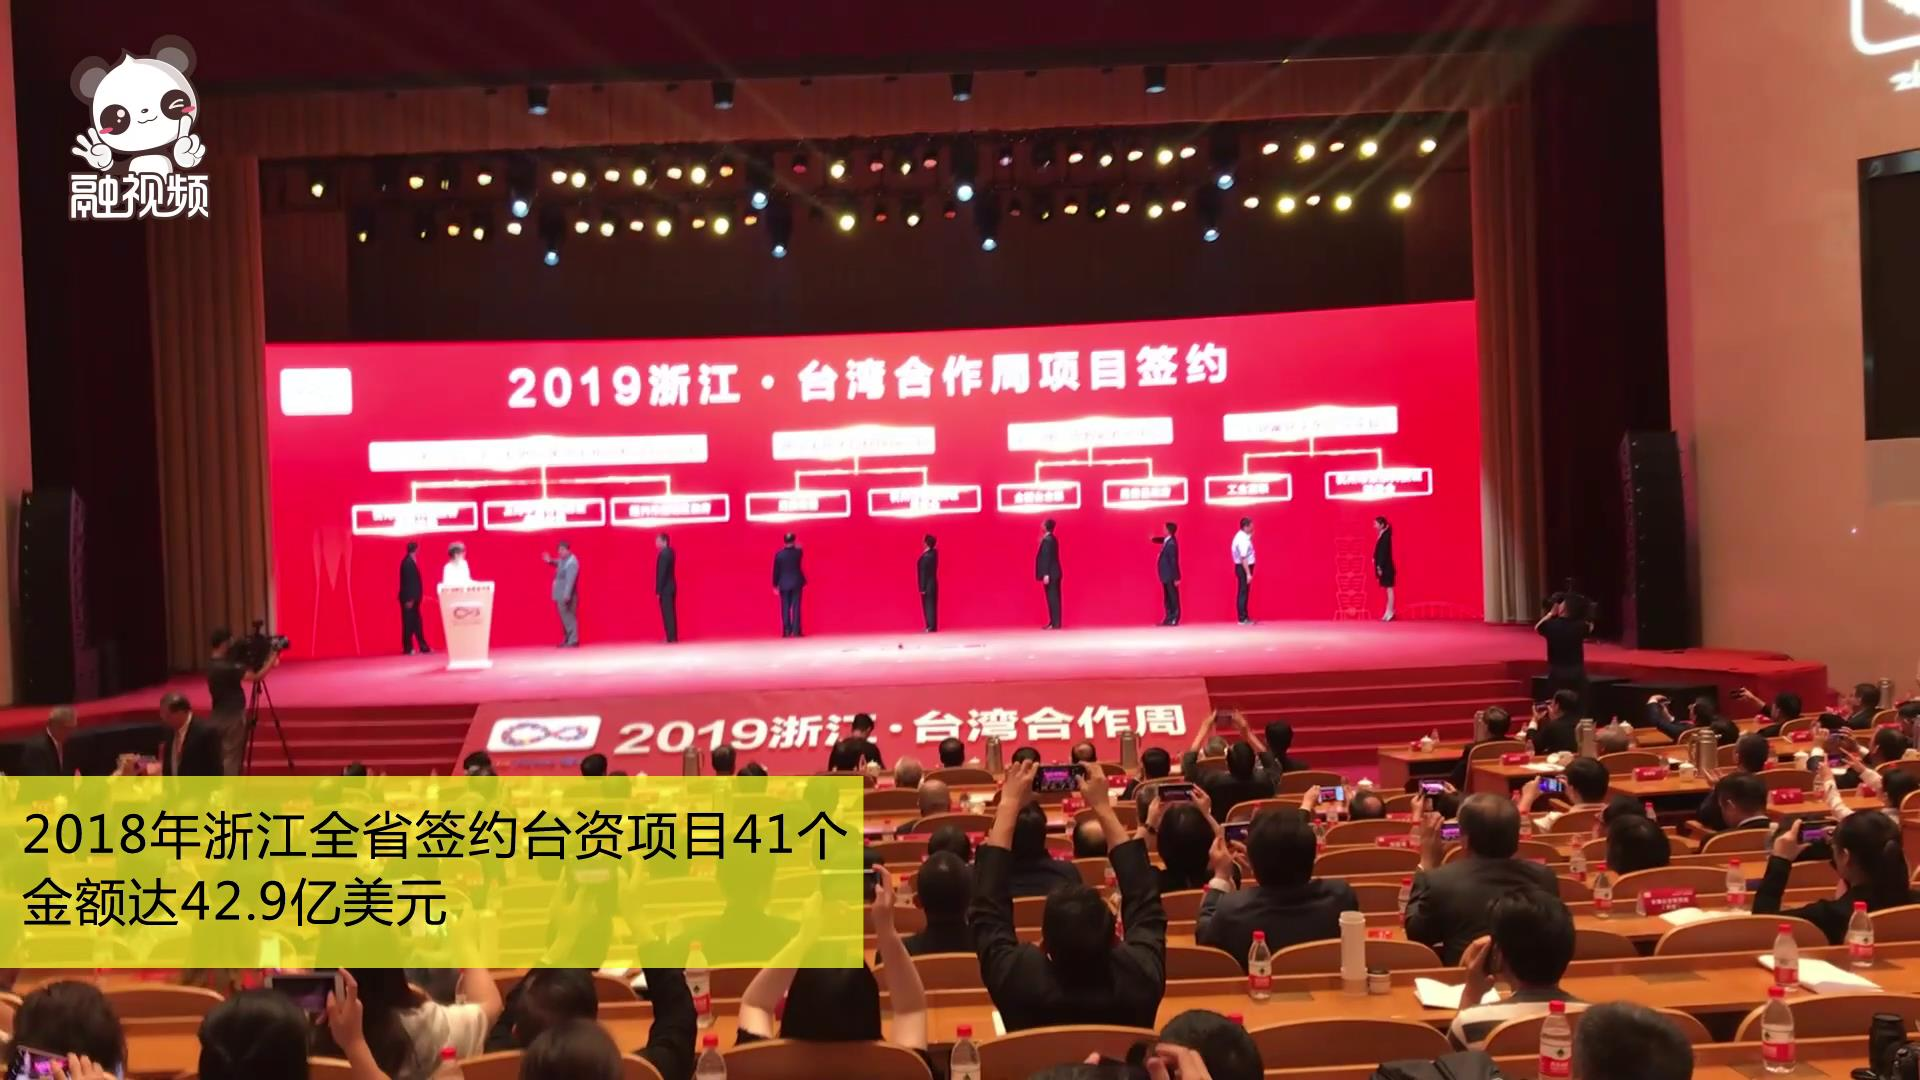 2019浙江·台湾合作周签约台资项目金额45.8亿美元图片